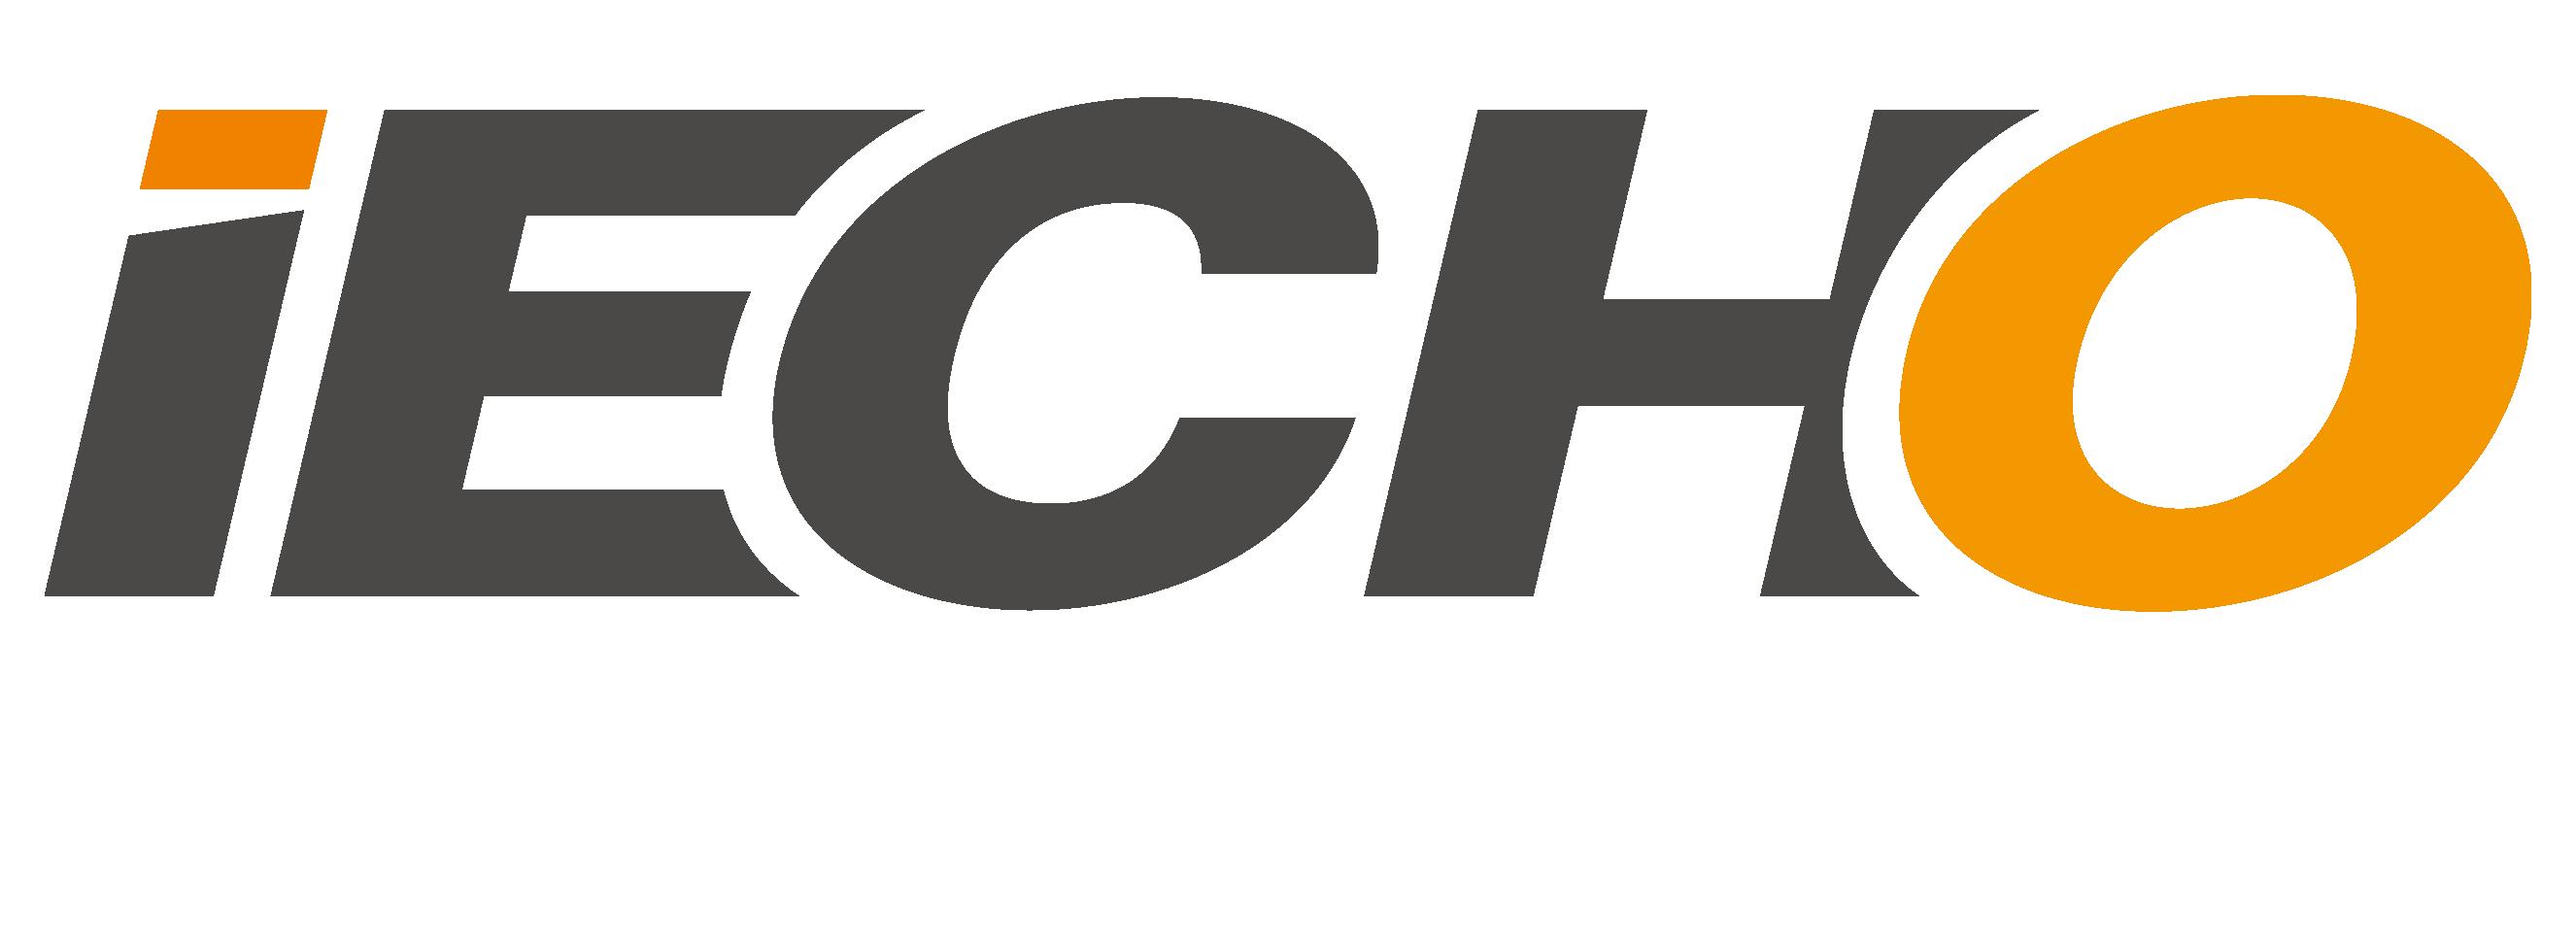 iECHO